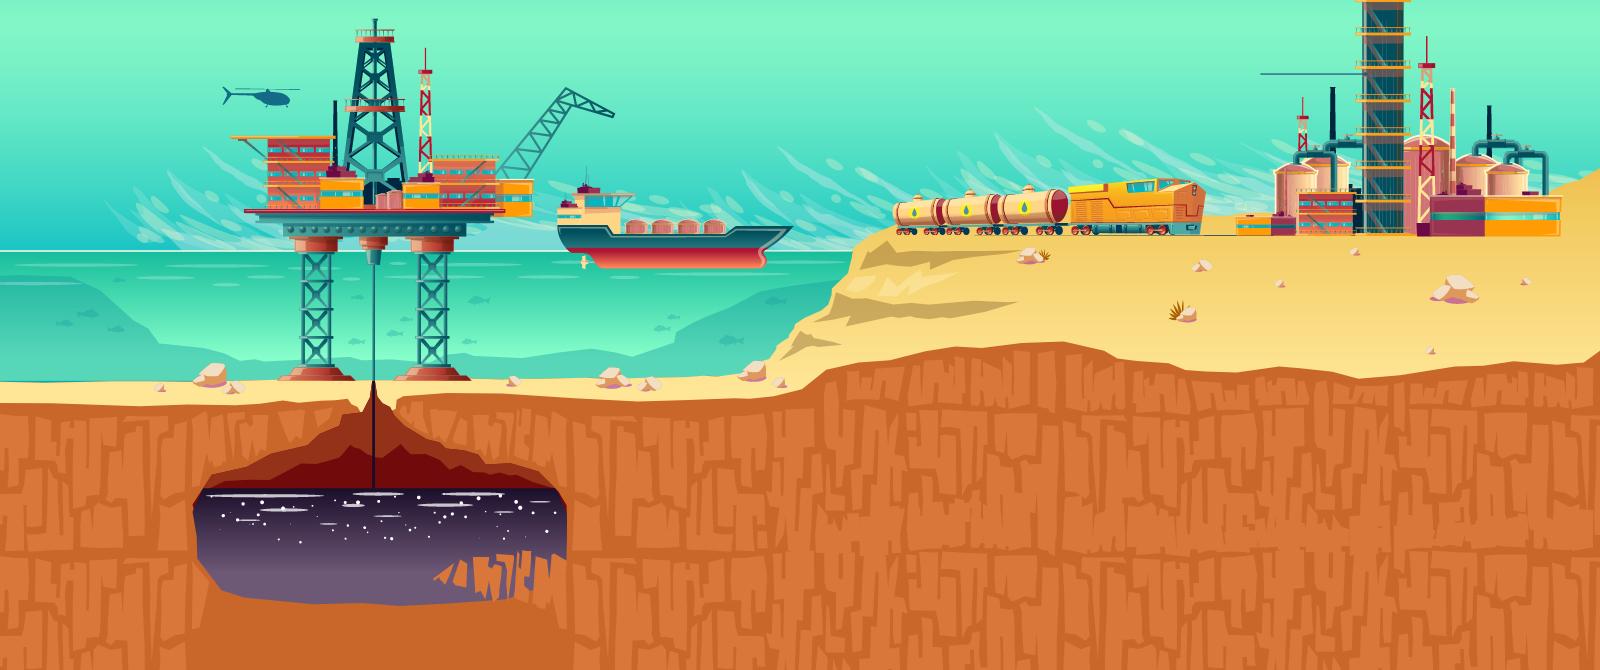 ปตท.สผ. พบแหล่งน้ำมัน-ก๊าซธรรมชาติ นอกชายฝั่งมาเลเซียอีกครั้ง